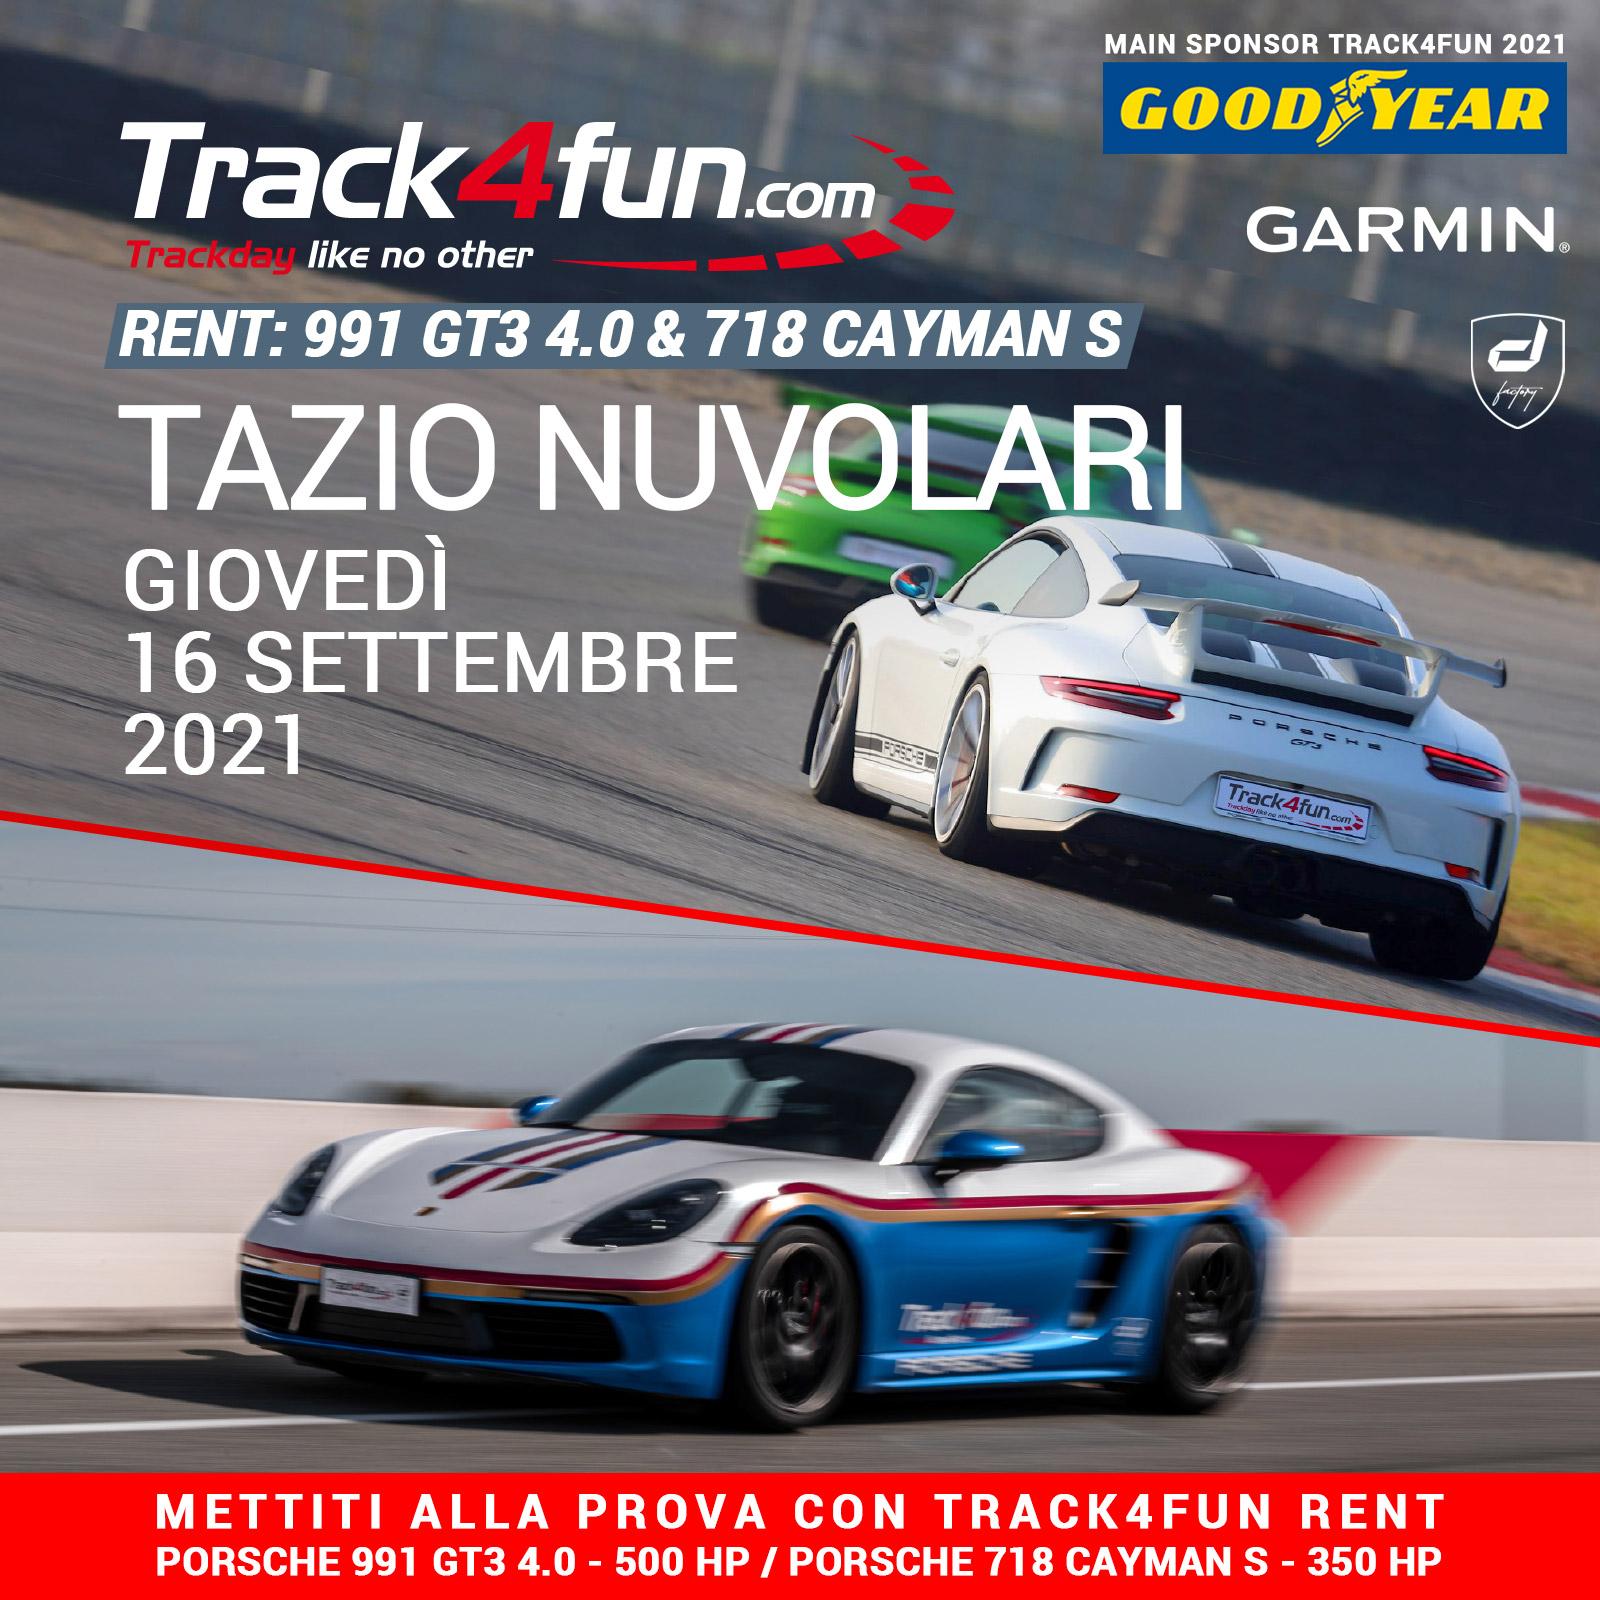 Track4fun Rent Tazio Nuvolari 16-09-2021